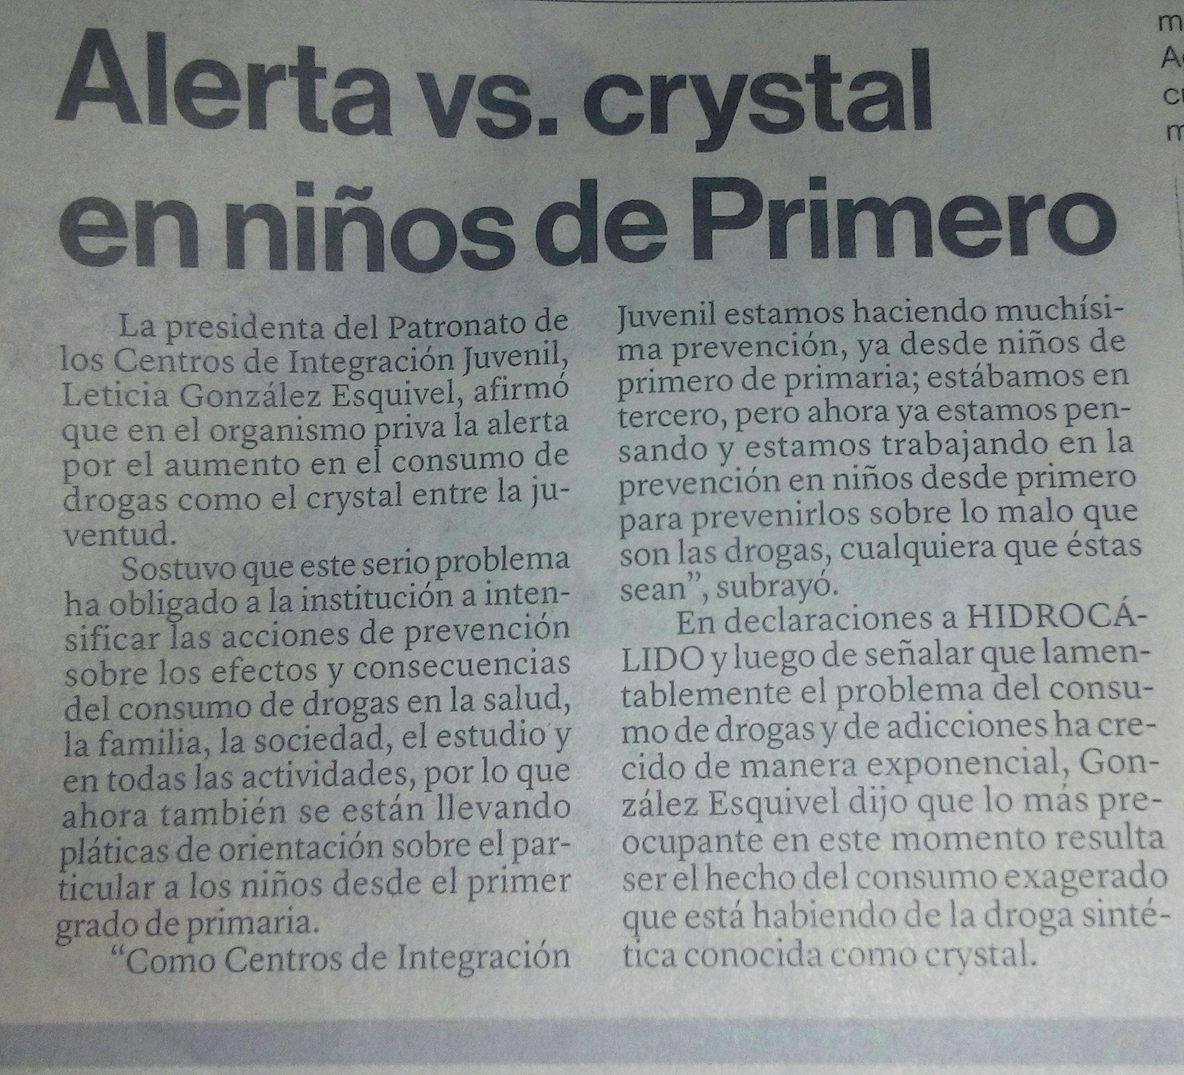 Alerta vs. crystal en niños de primero